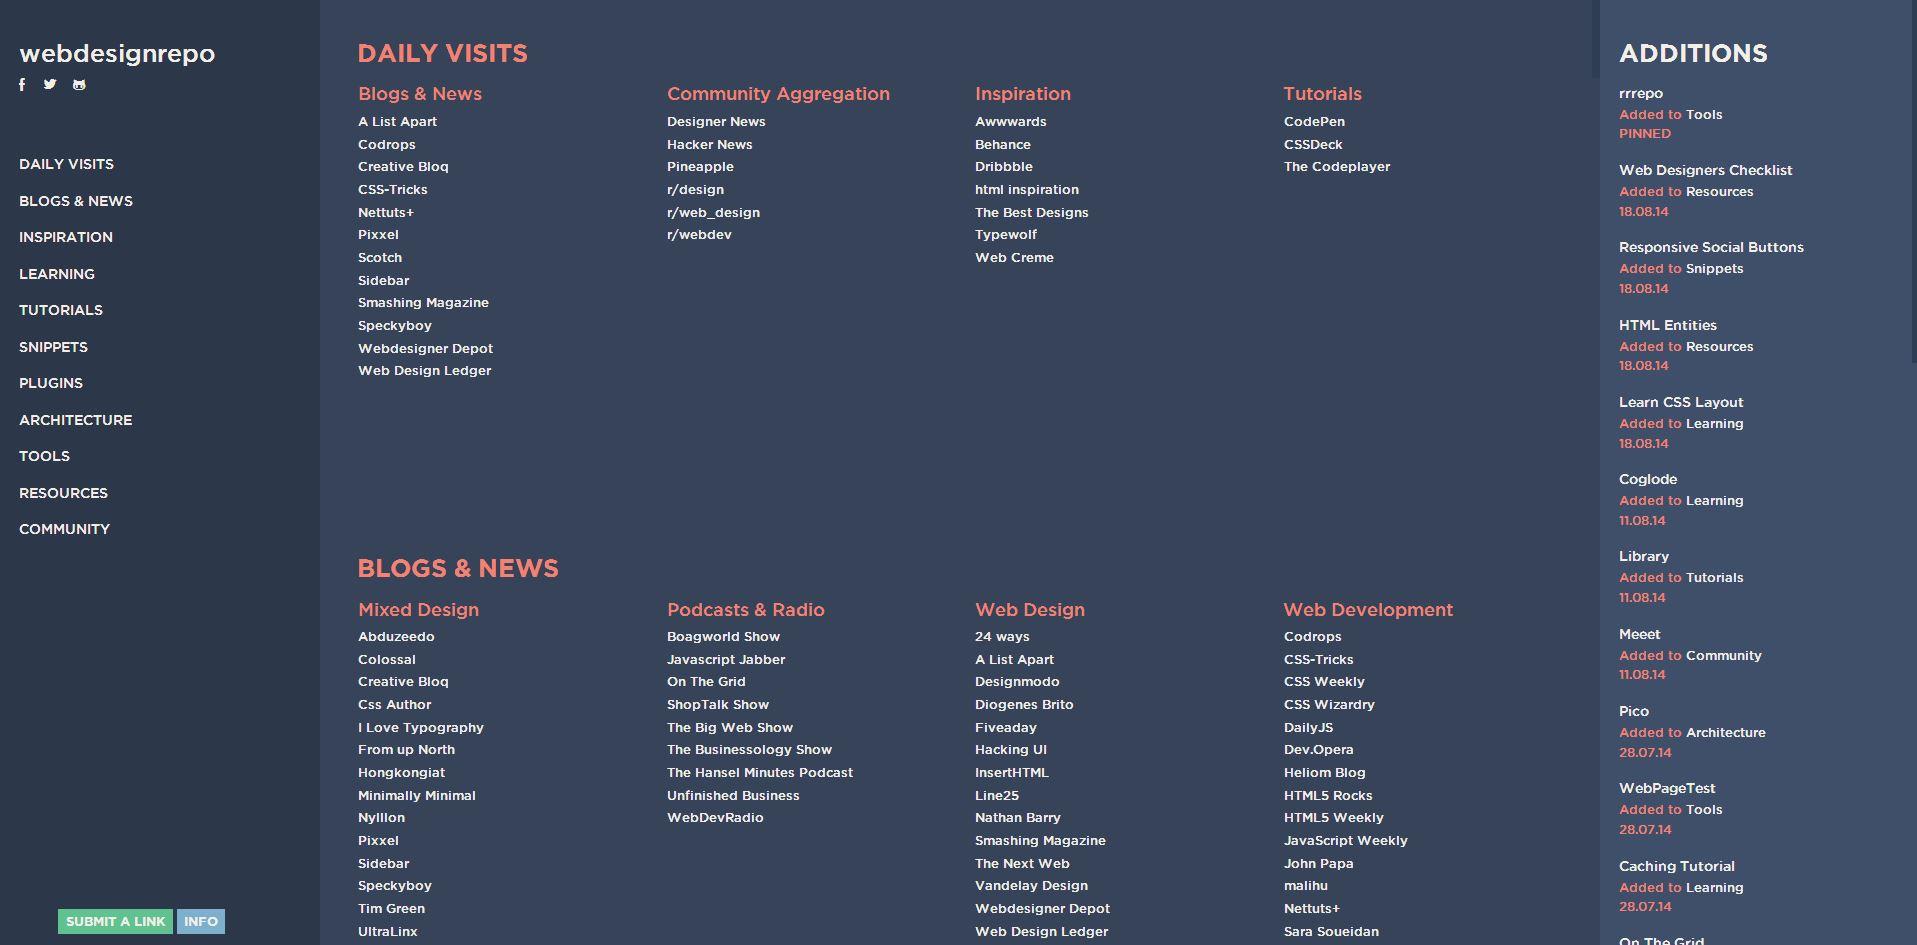 webdesign-repo